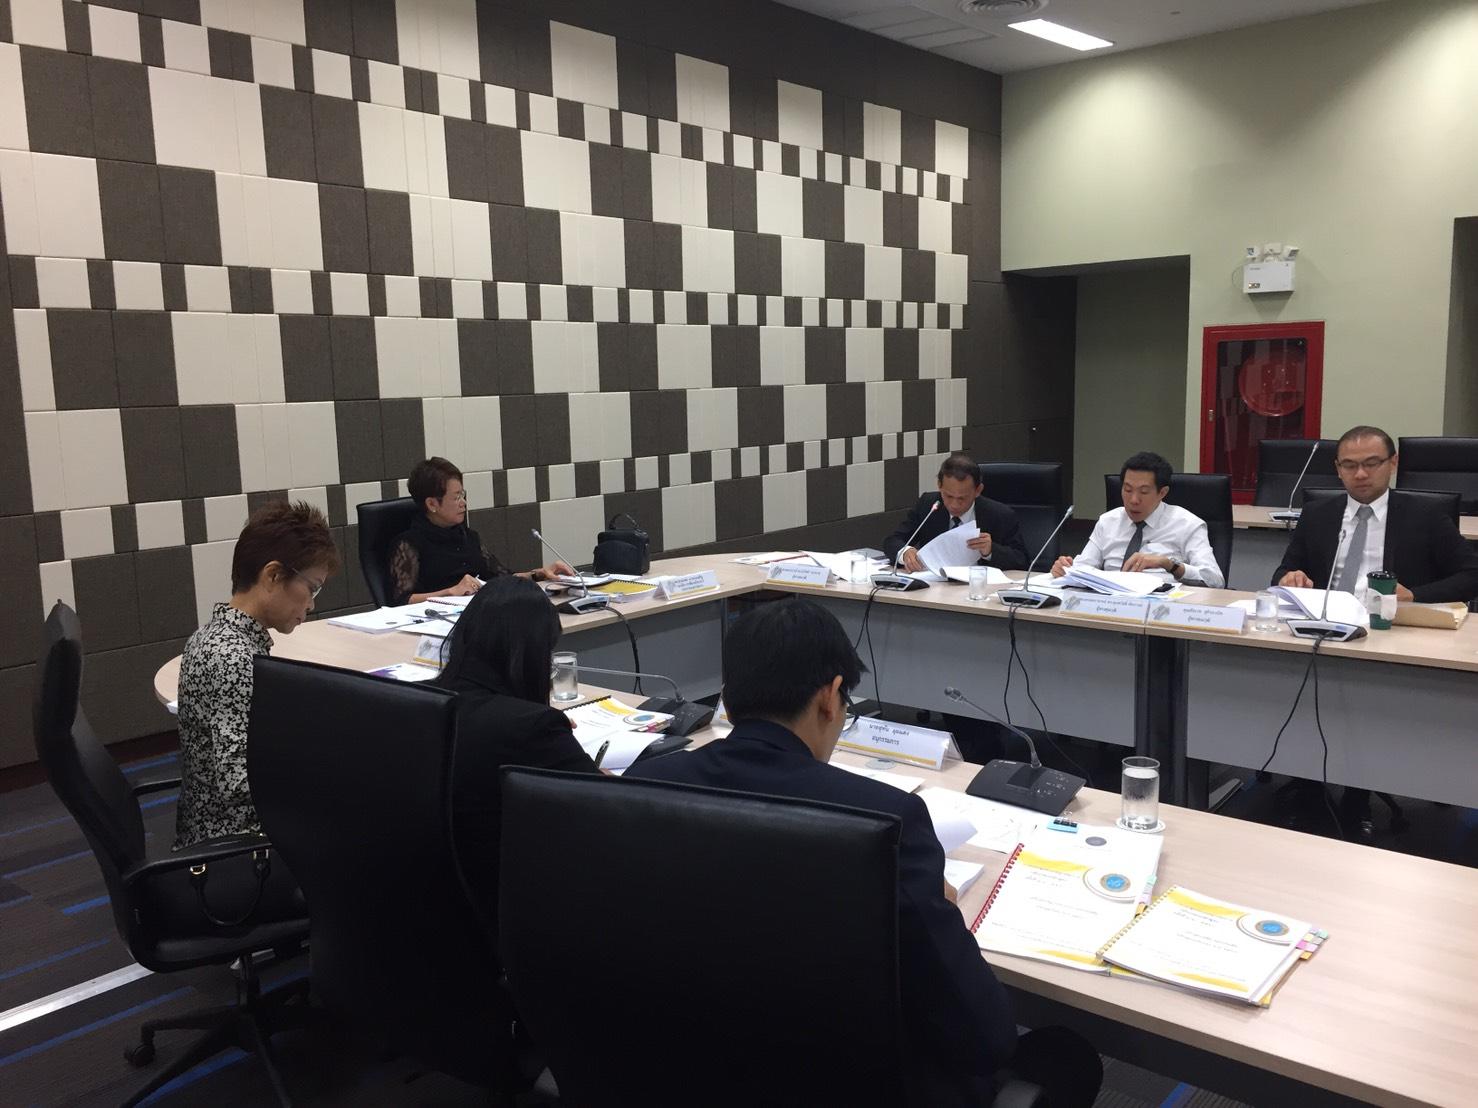 การประชุมคณะอนุกรรมการกลั่นกรองหลักสูตร มสด. หลักสูตรปรับปรุง พ.ศ.2560 ครั้งที่ 1(1)/2560